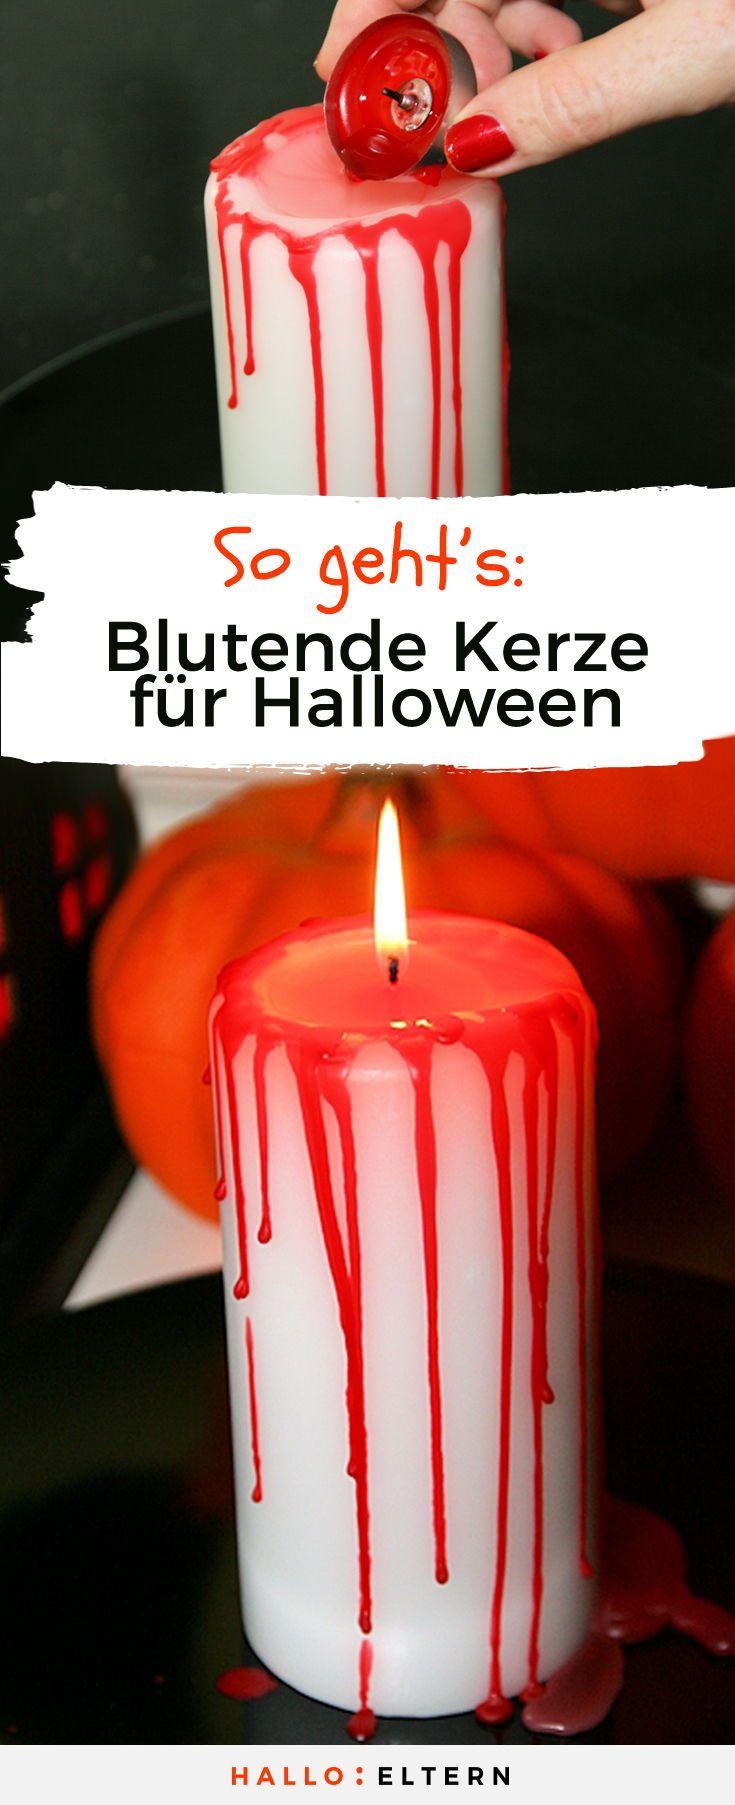 Blutende Kerze für Halloween: So kannst du sie basteln